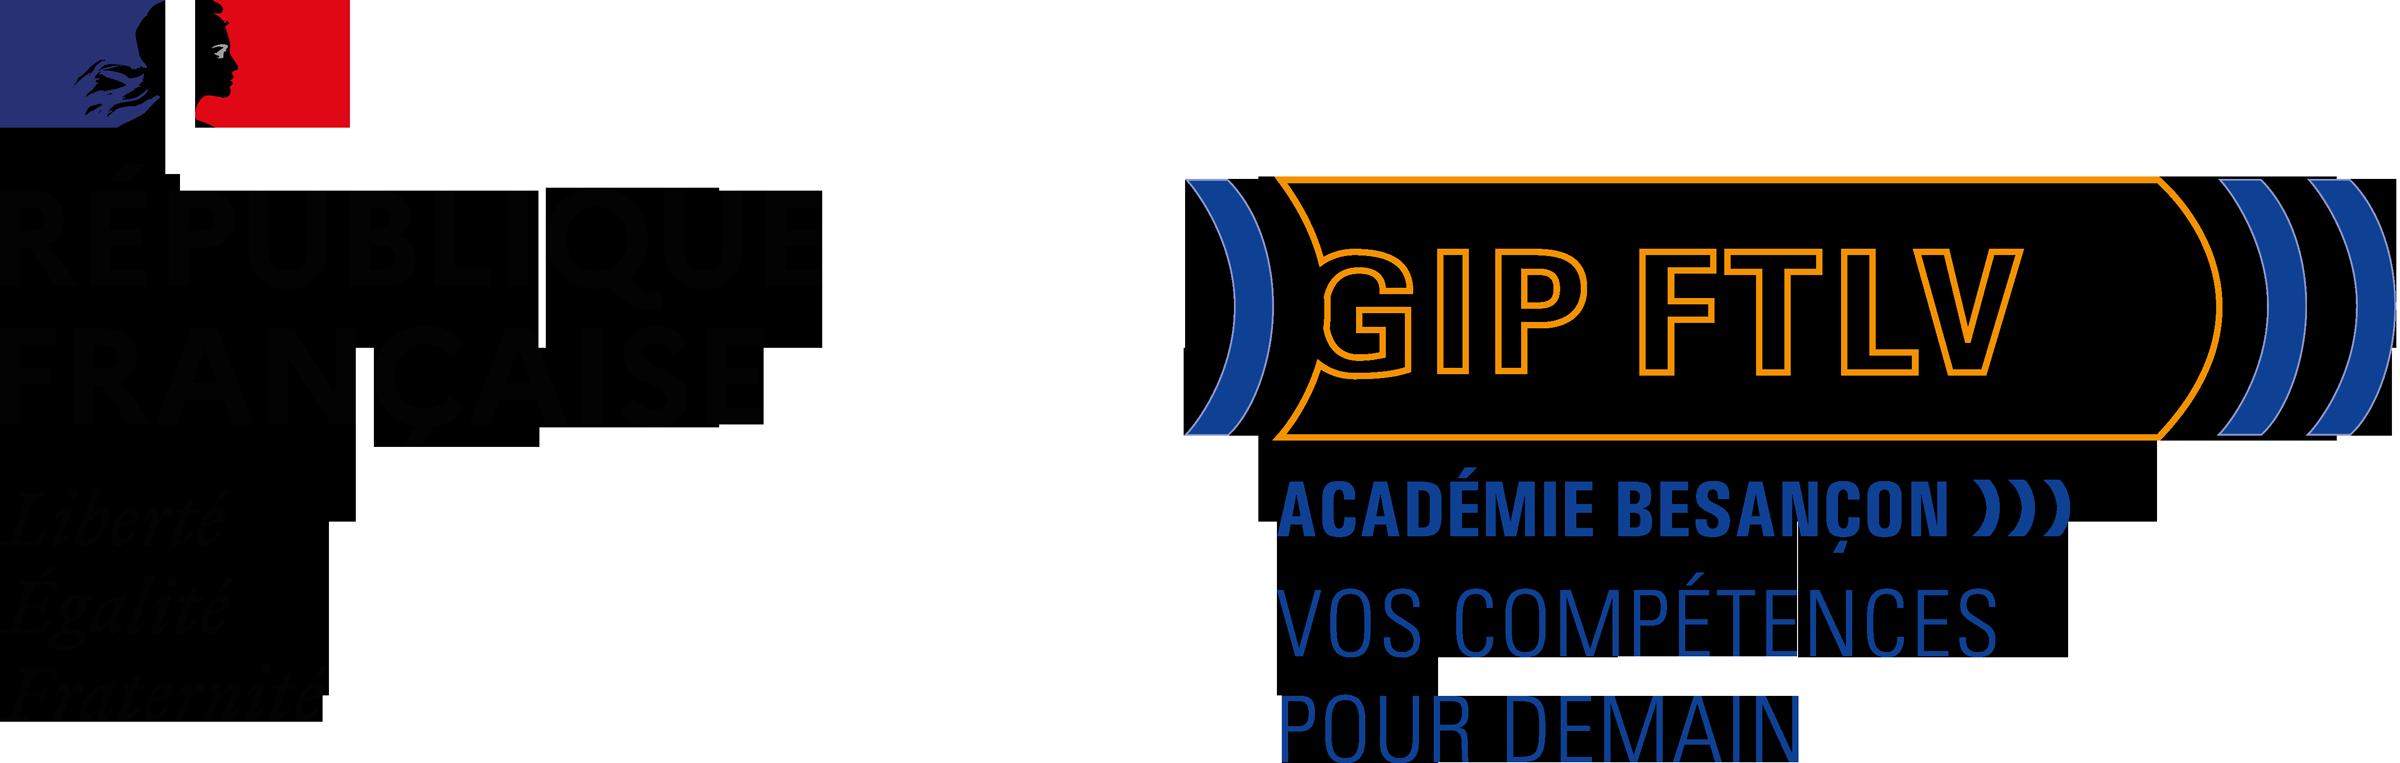 GIP FTLV de l'académie de Besançon